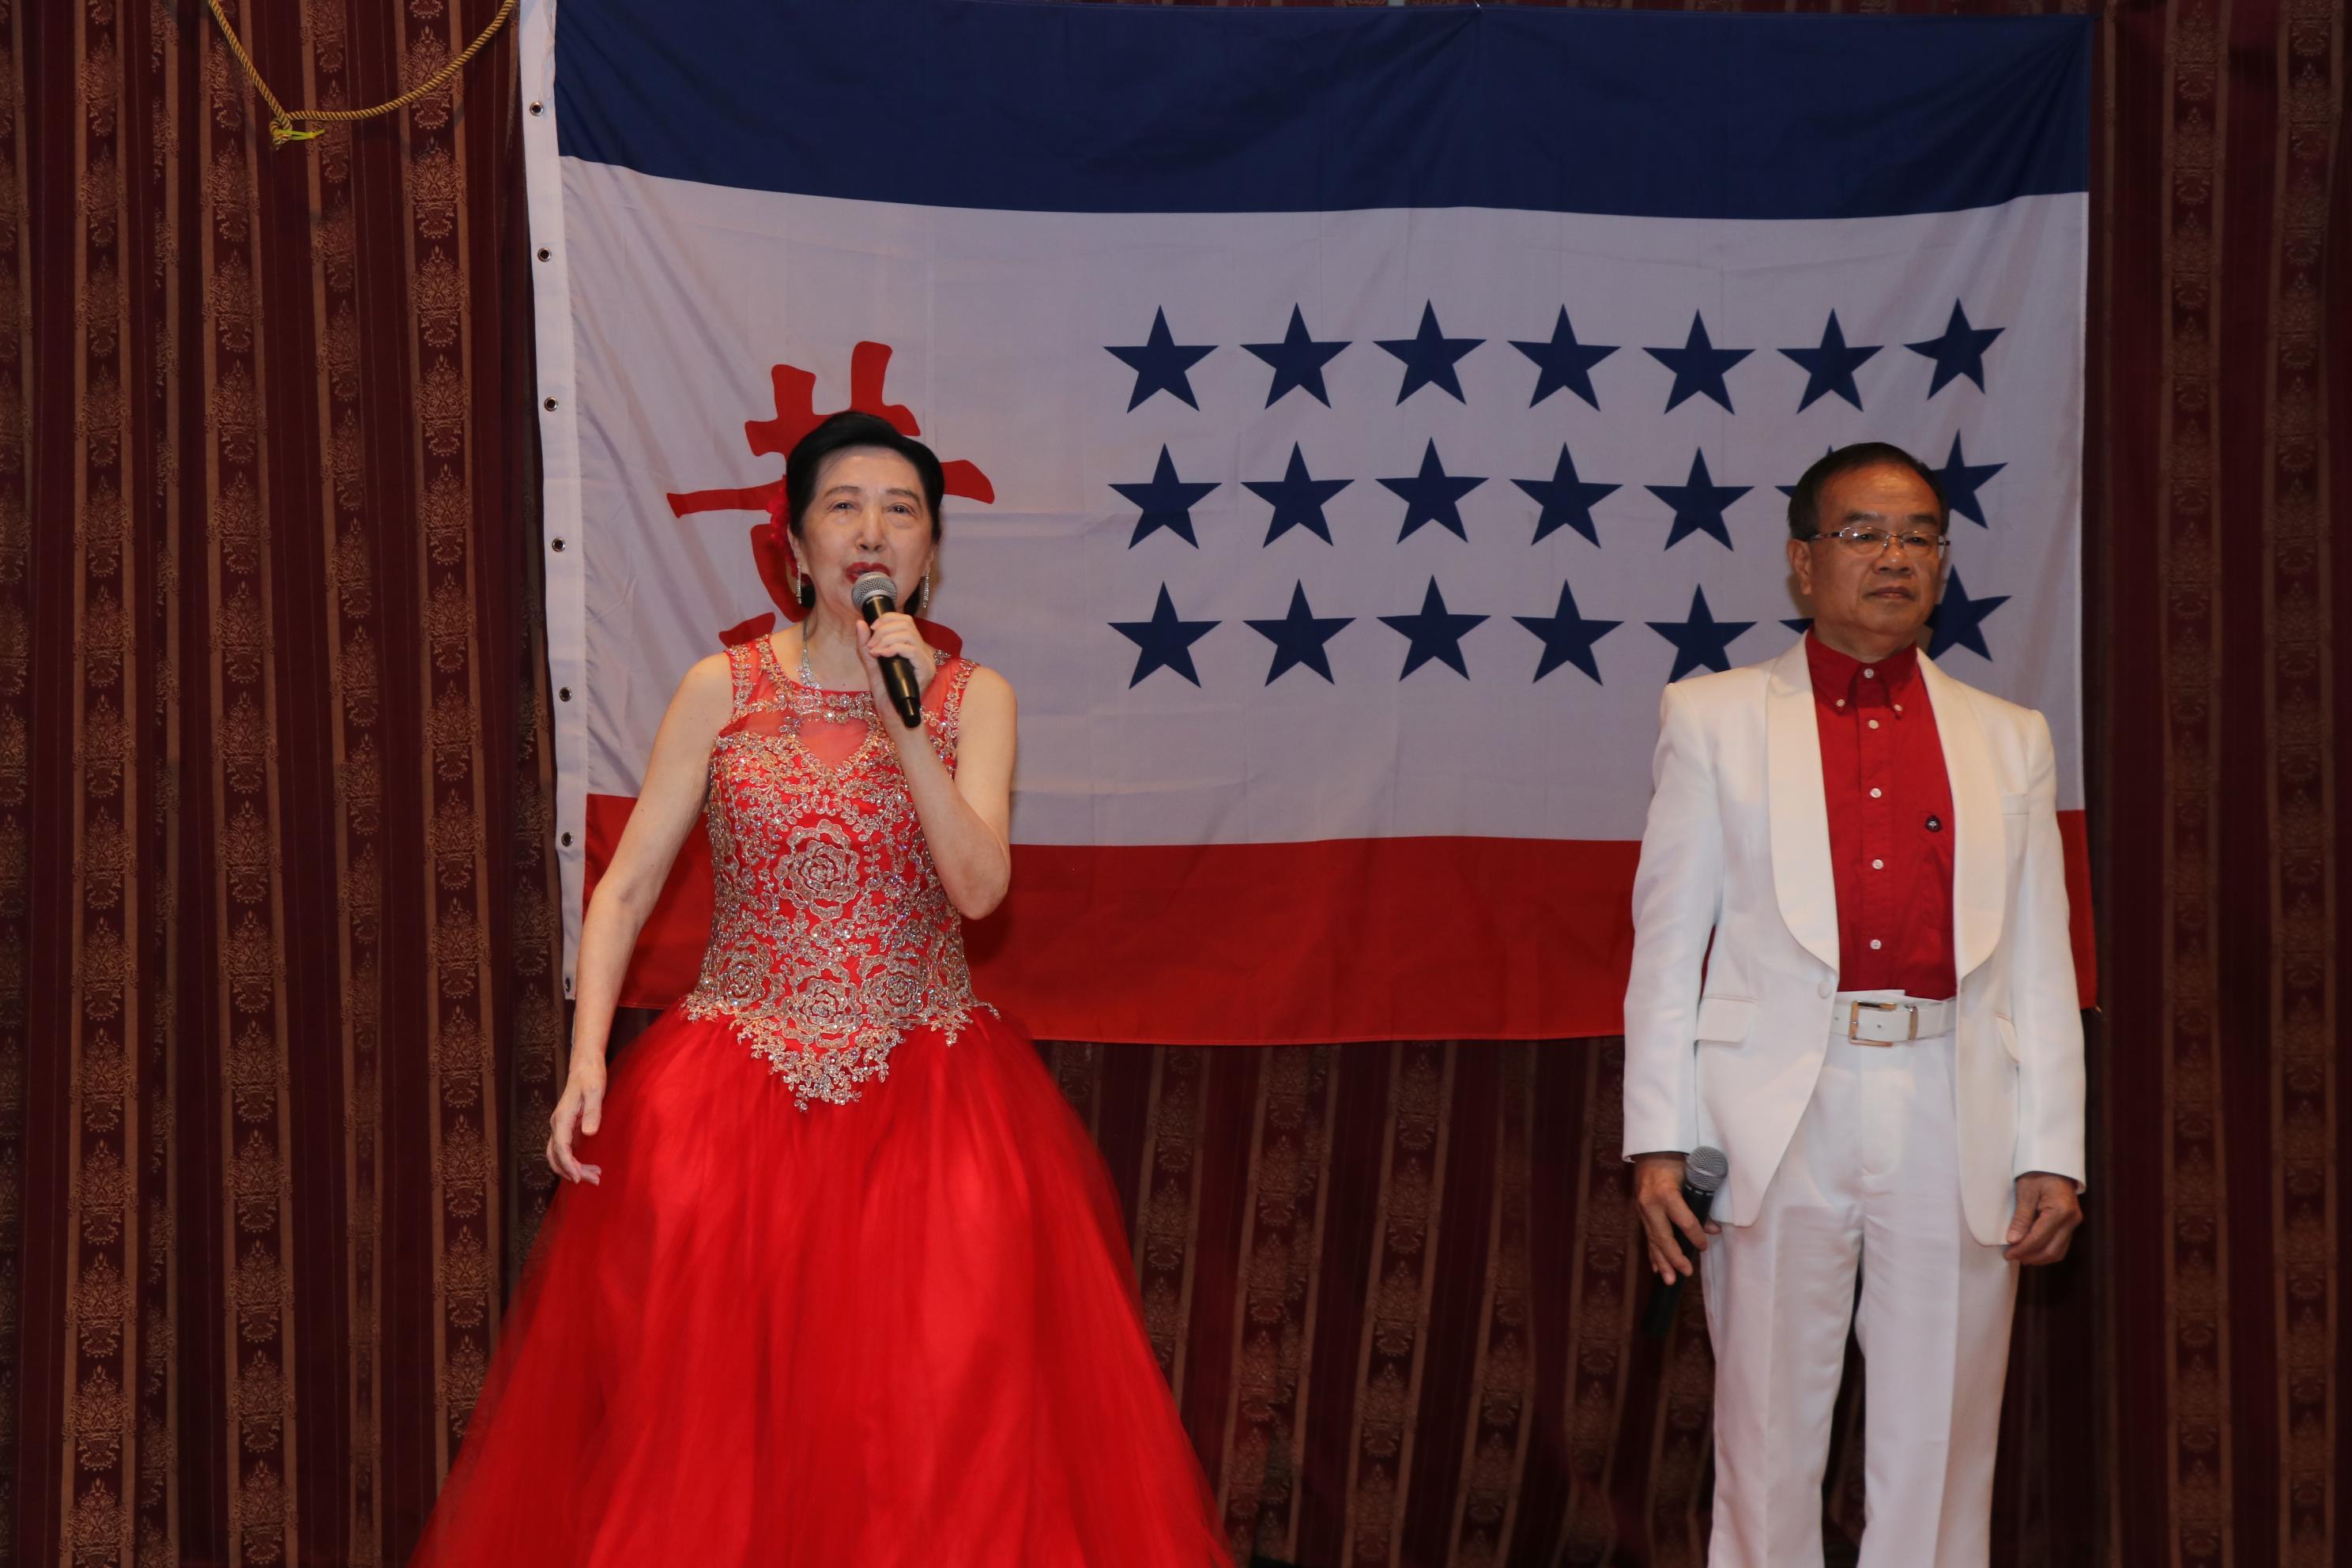 大會綜藝節目男女二重唱,歌聲優美,獲得滿堂彩。